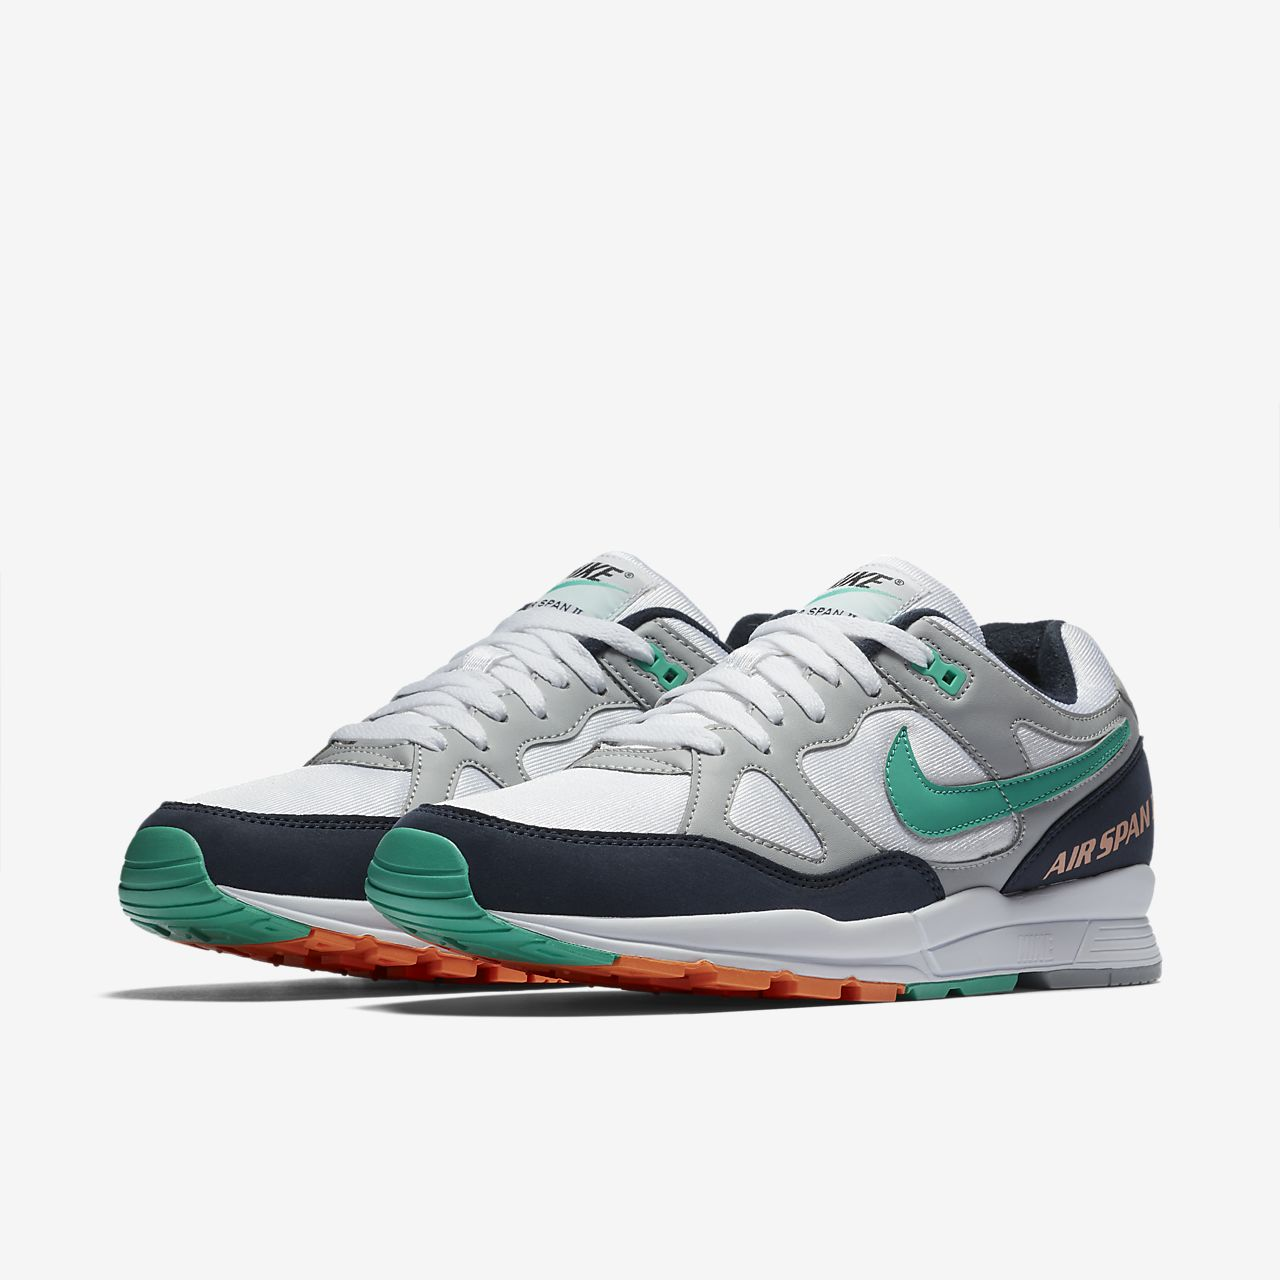 ... Nike Air Span II Men's Shoe